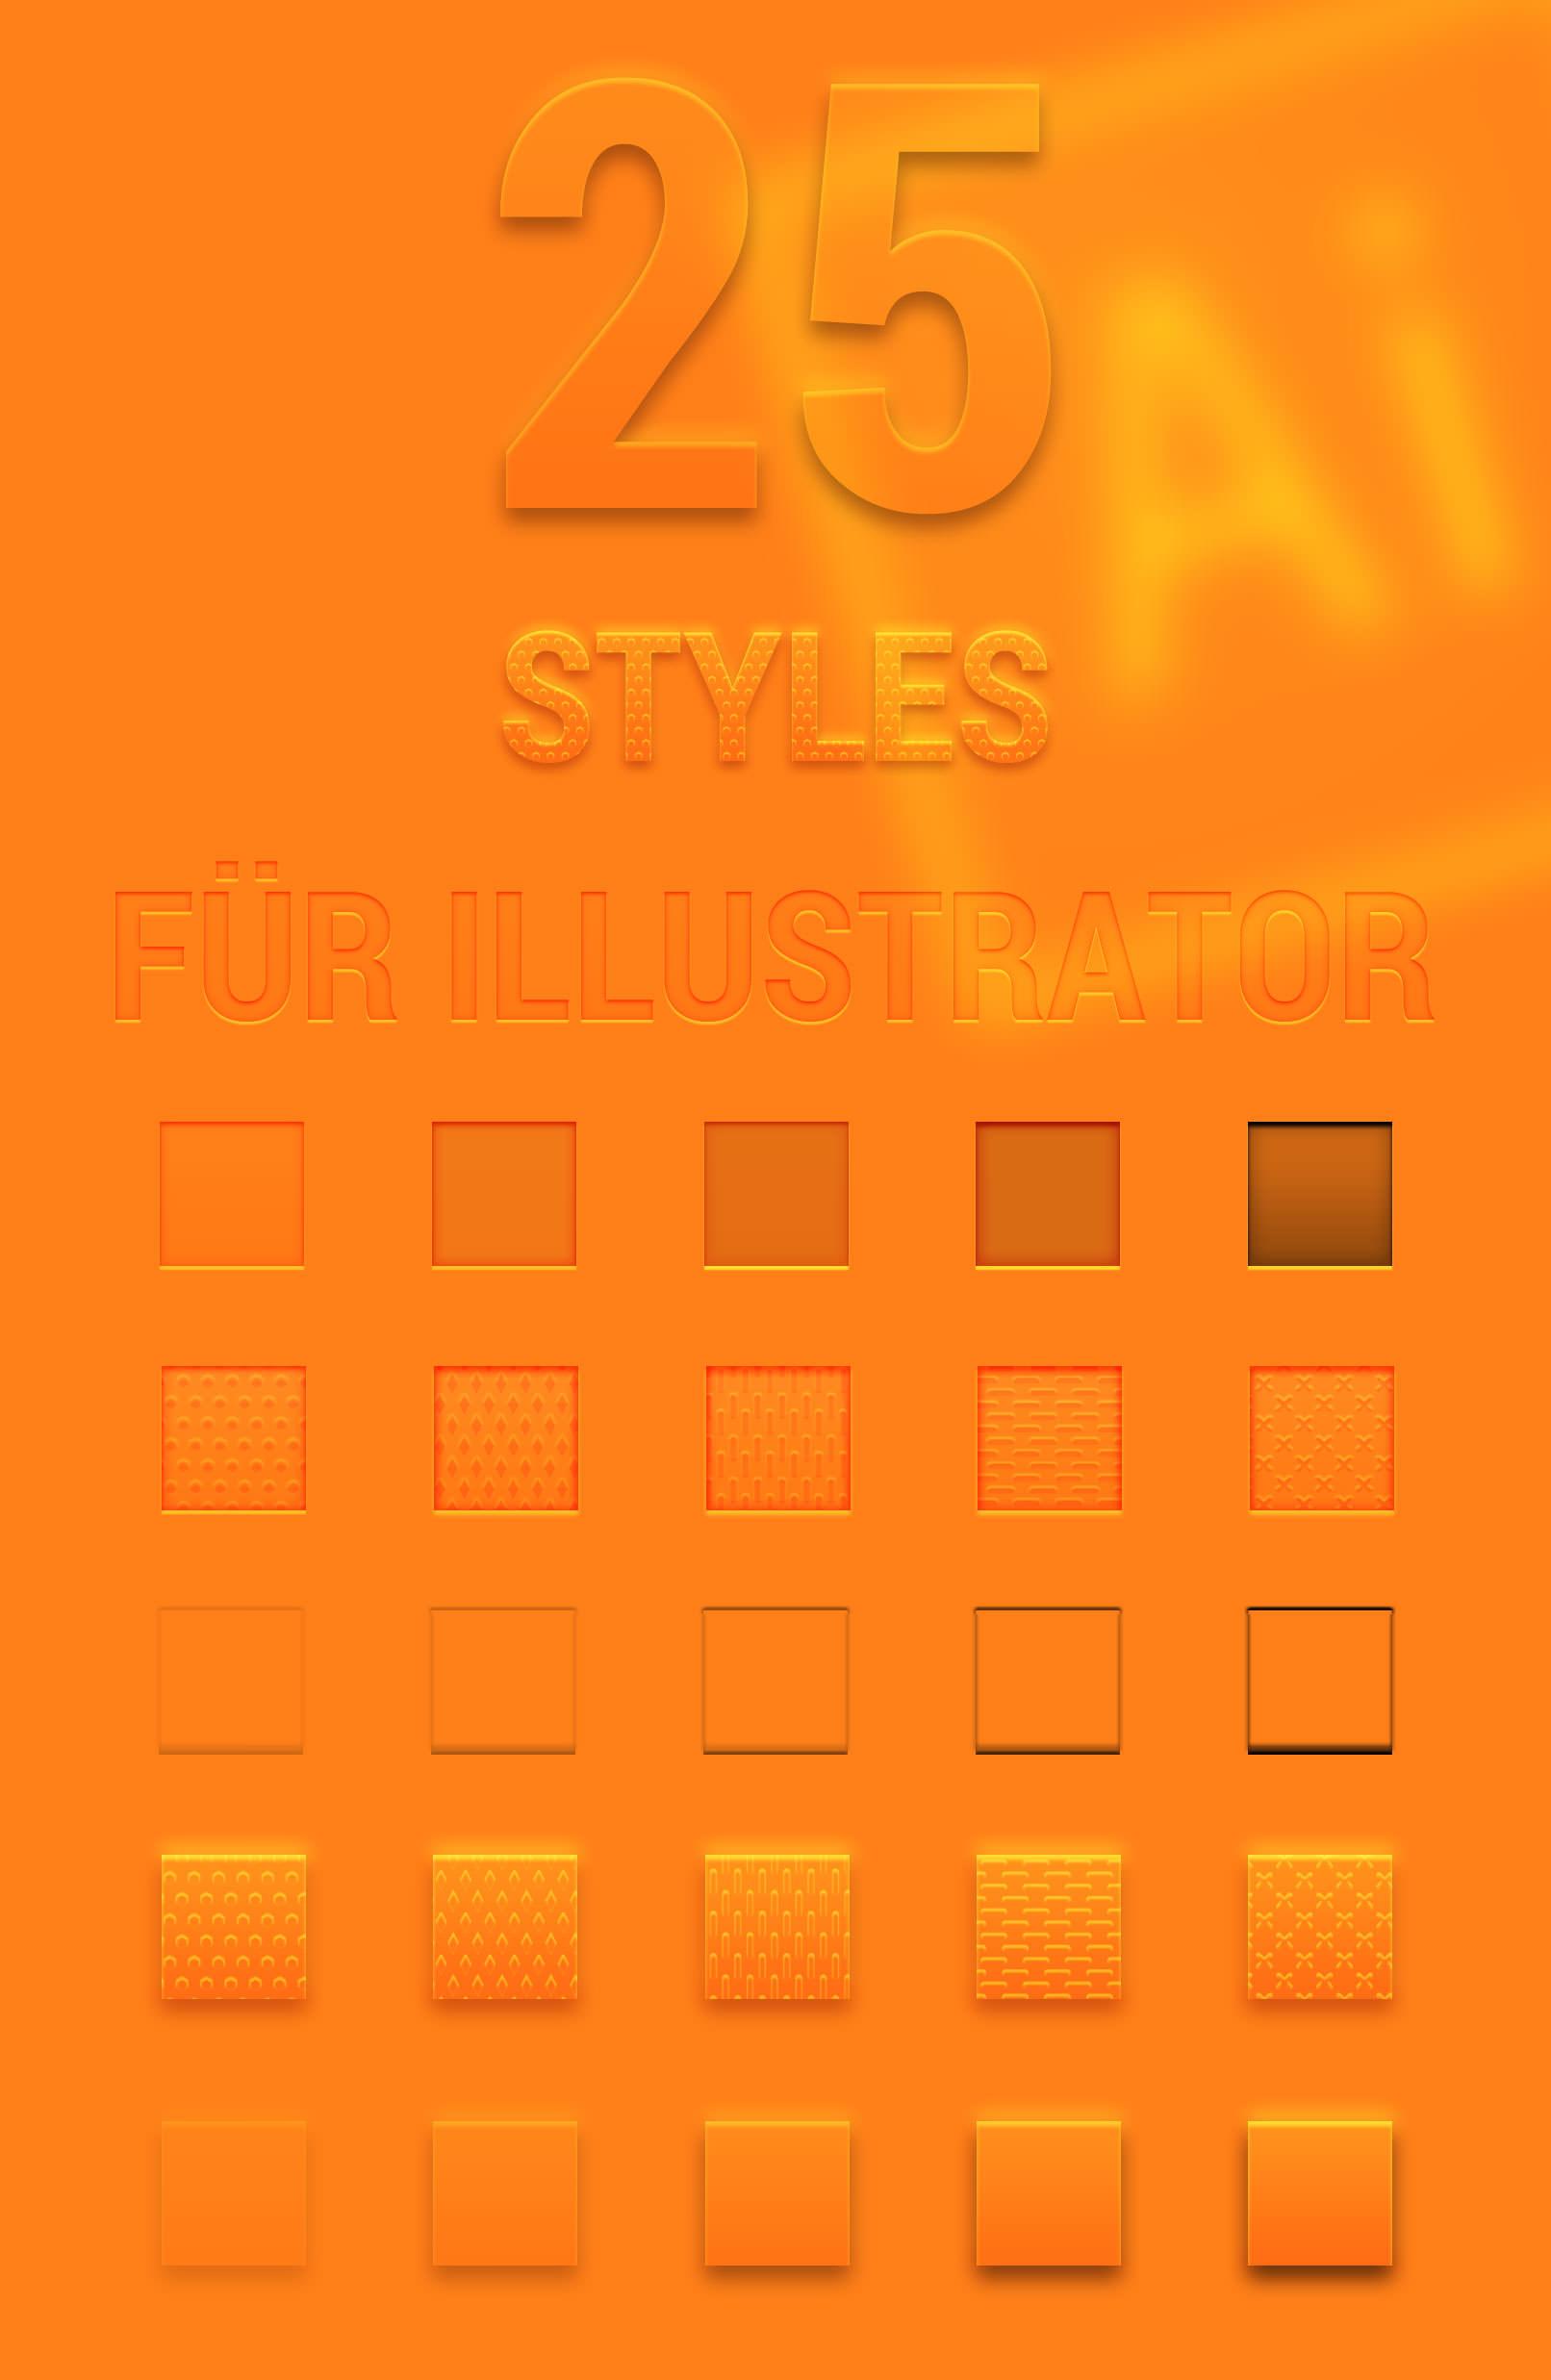 Adobe Illustrator: 25 vektorbasierte Grafikstile für Transparenz, Relief und Prägung für Texte und Grafiken